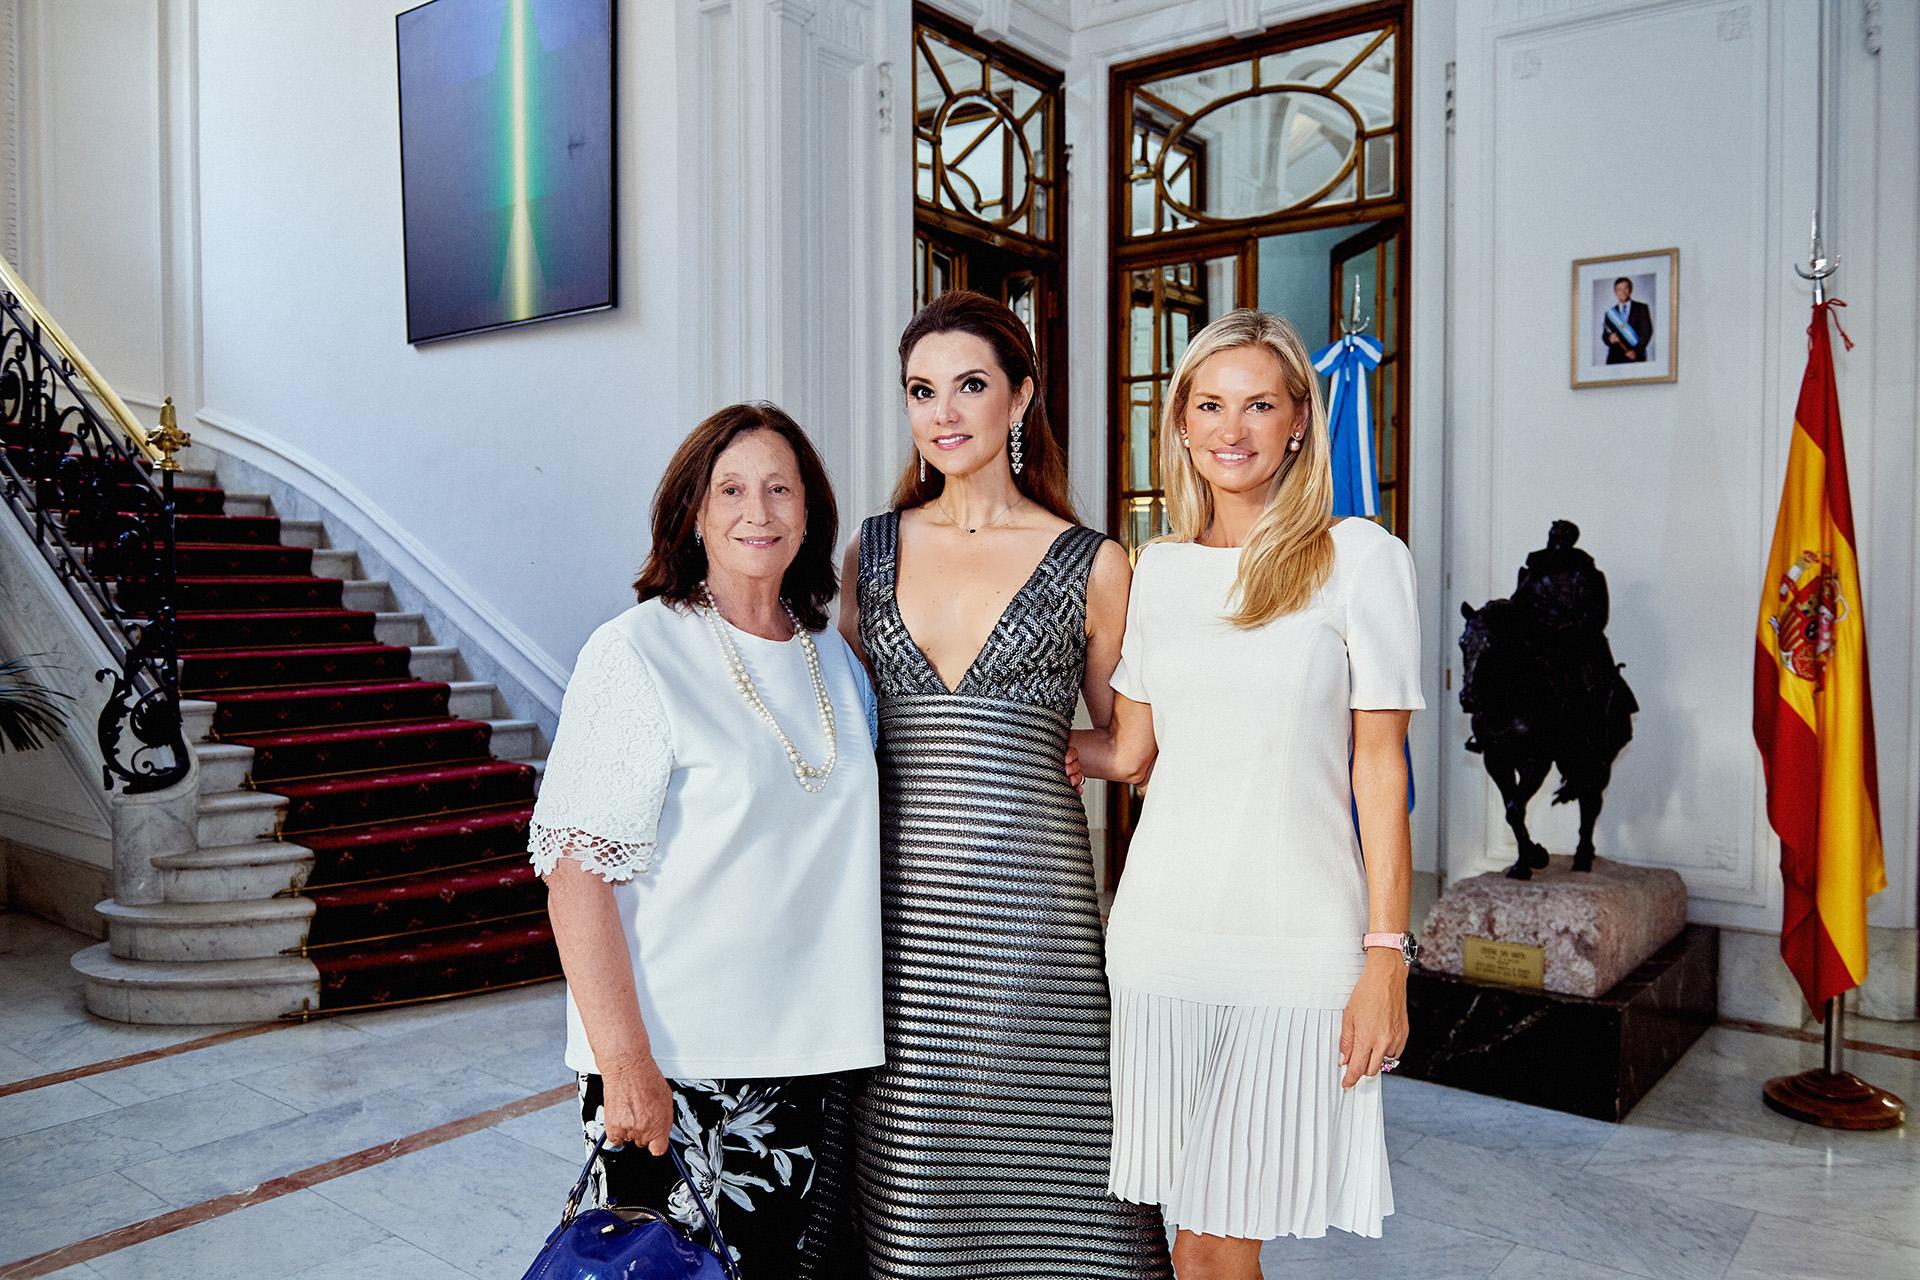 Maribel Ortiz Vizcondesa de García Grande y Lily felicitando a la Soprano al terminar la función.